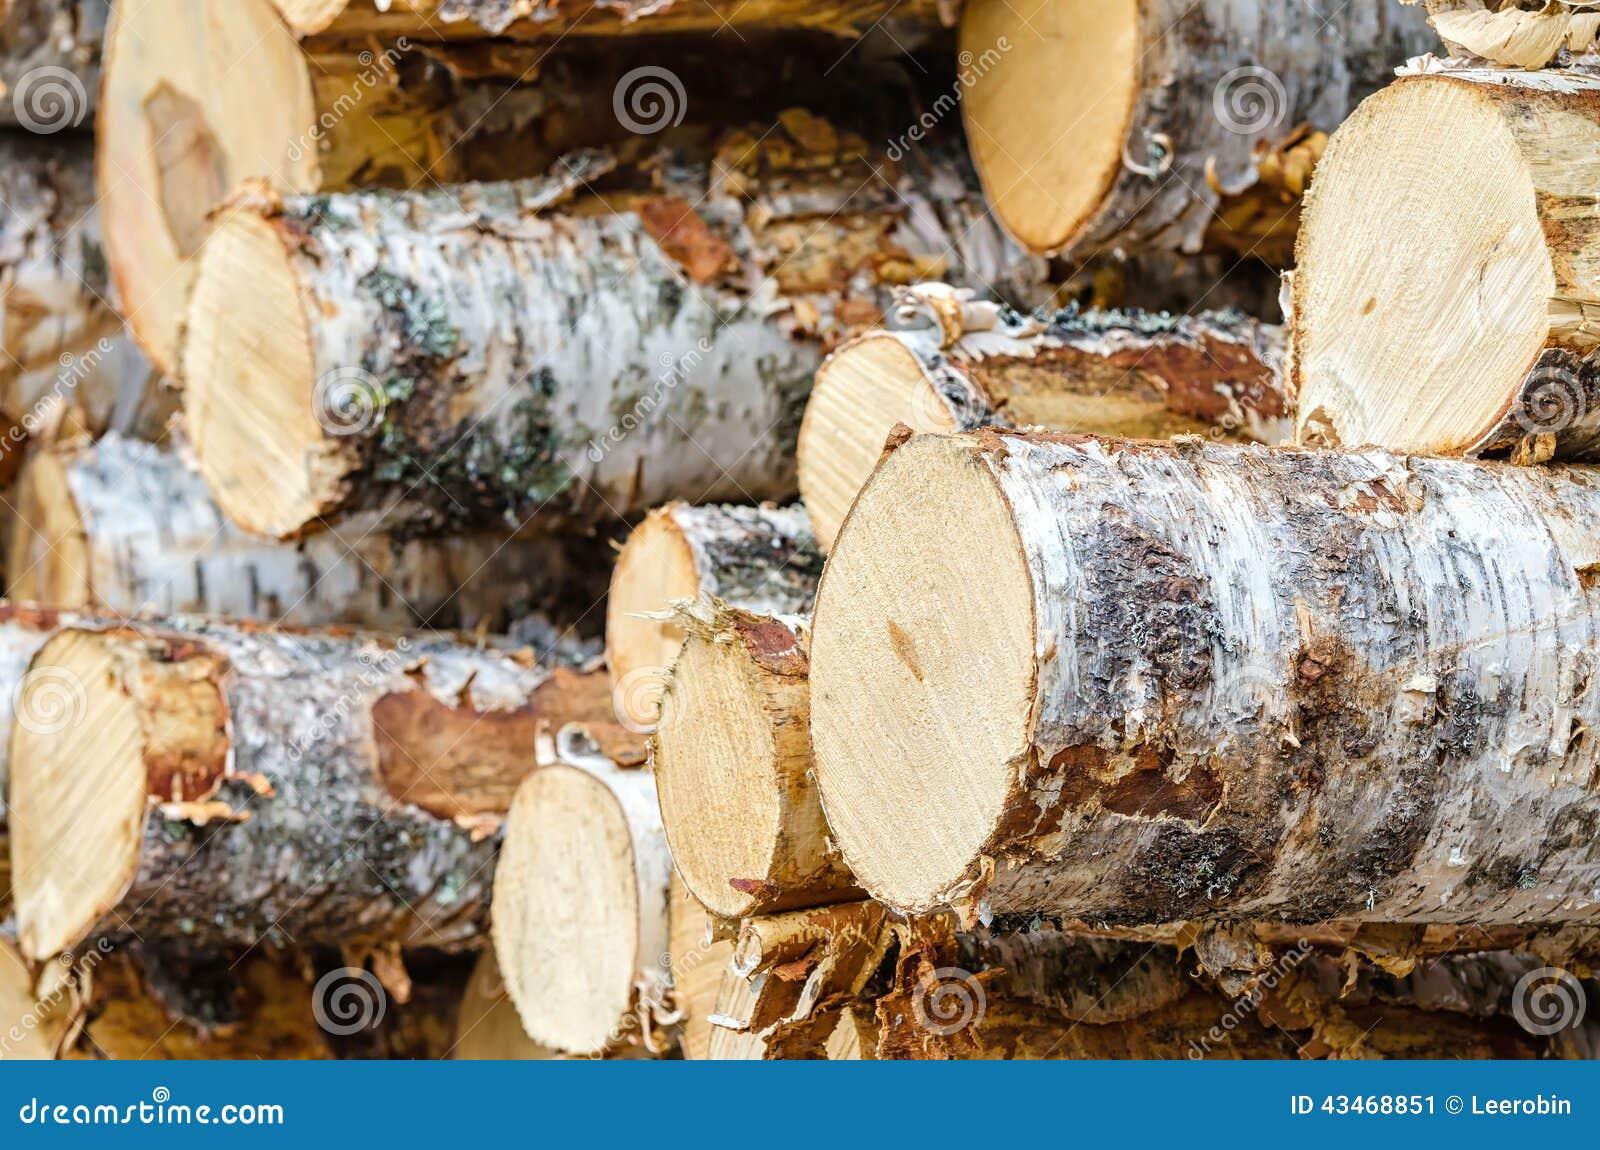 pile des rondins de bois de construction de bouleau image stock image du tron on empil 43468851. Black Bedroom Furniture Sets. Home Design Ideas